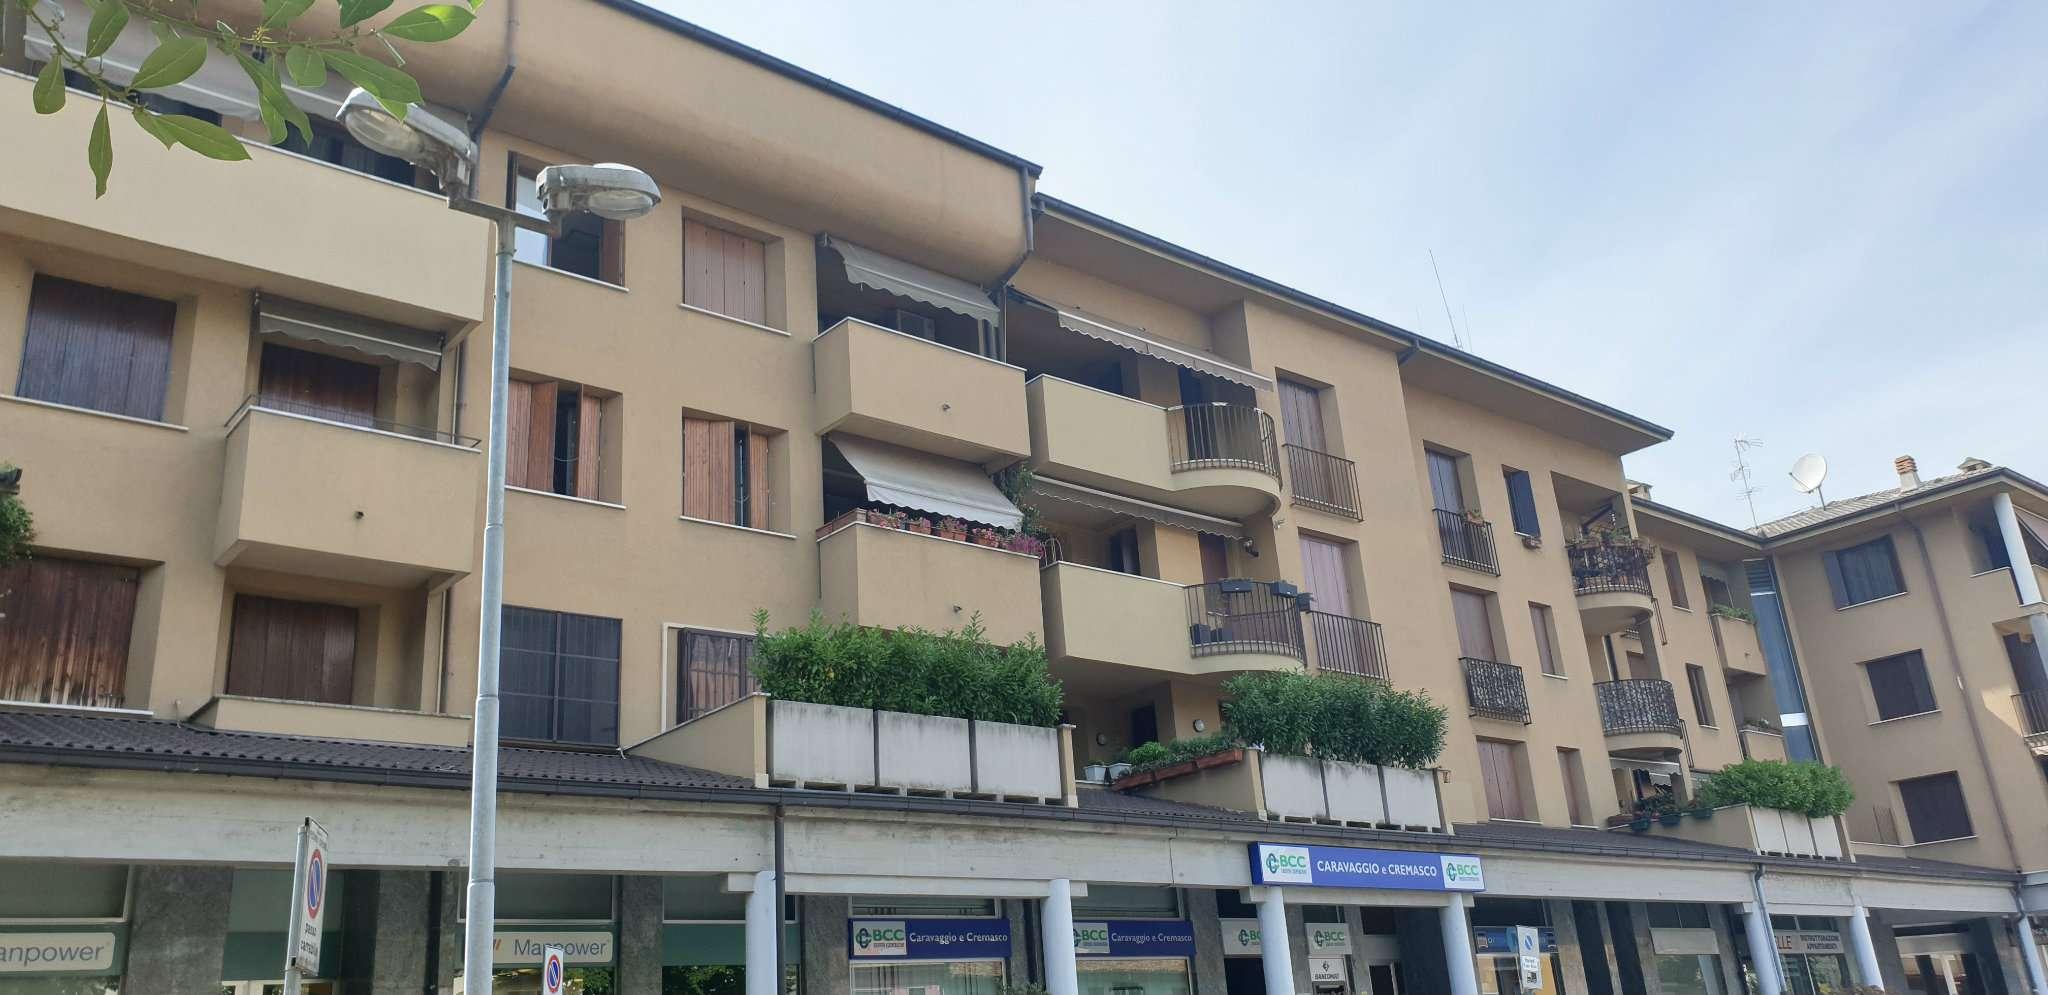 Appartamento in vendita a Peschiera Borromeo, 3 locali, prezzo € 260.000   CambioCasa.it